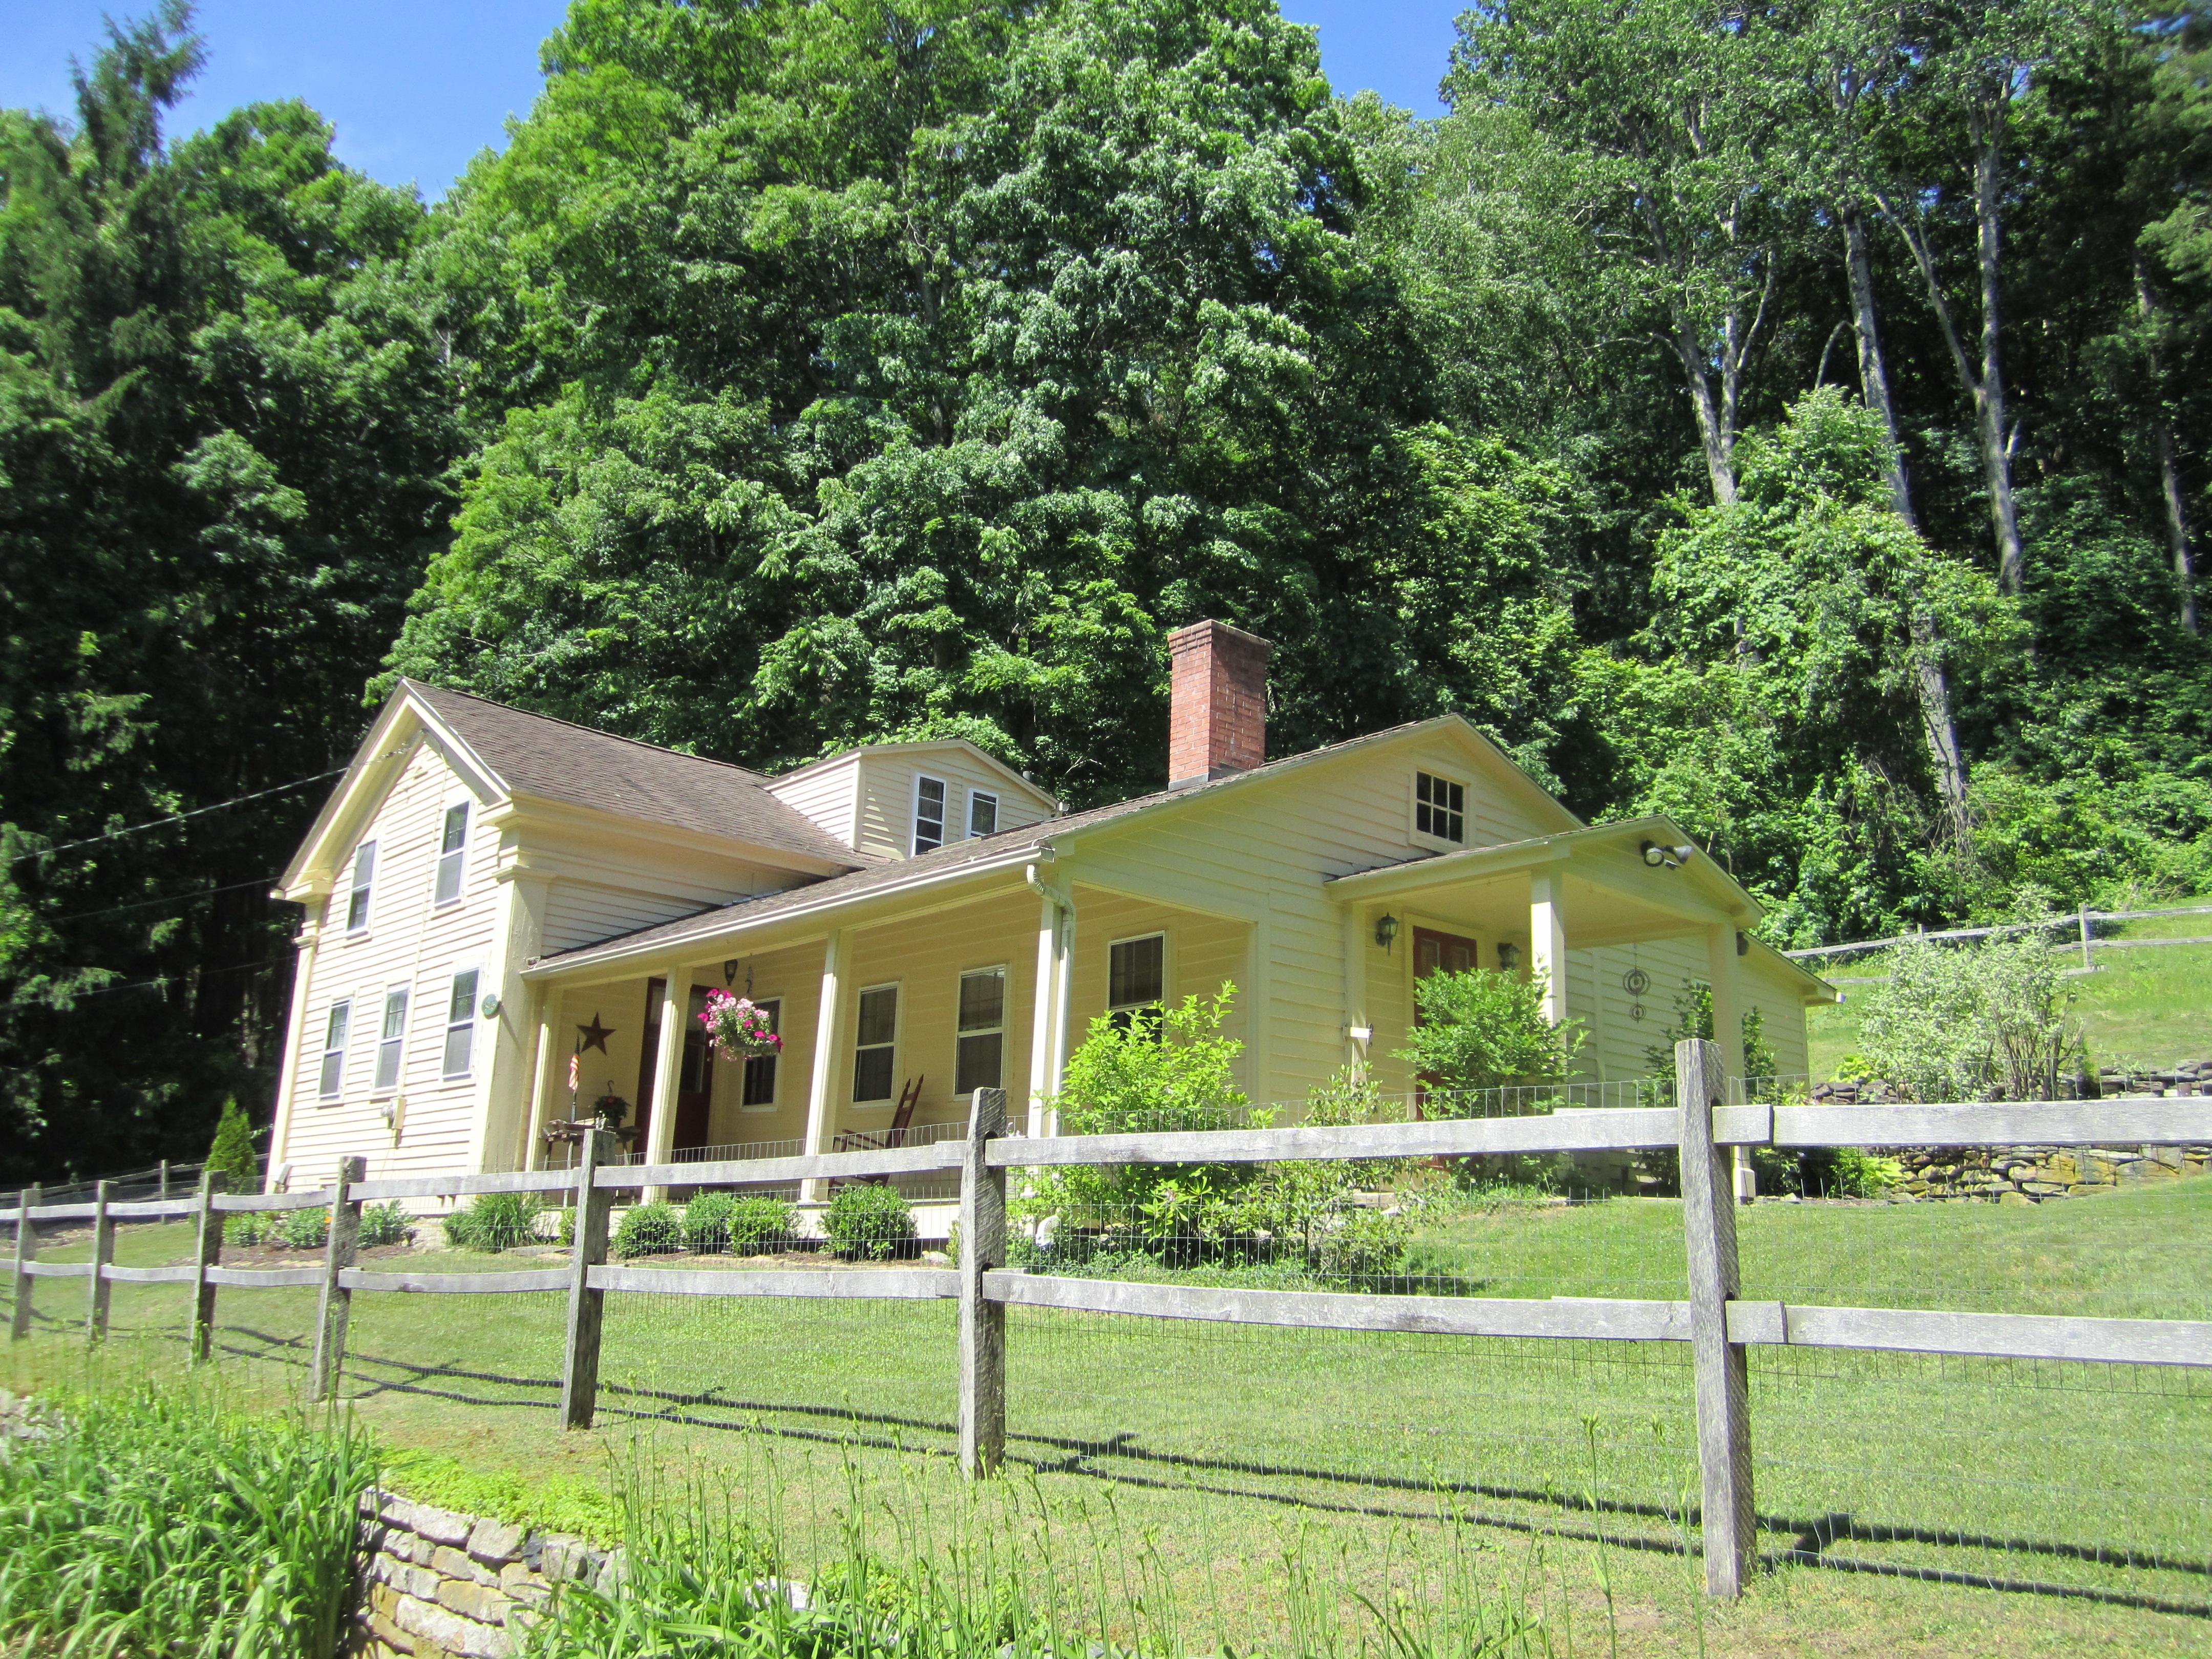 Casa Unifamiliar por un Venta en Cozy Retreat 90 Cornwall Hollow Rd Cornwall, Connecticut, 06796 Estados Unidos